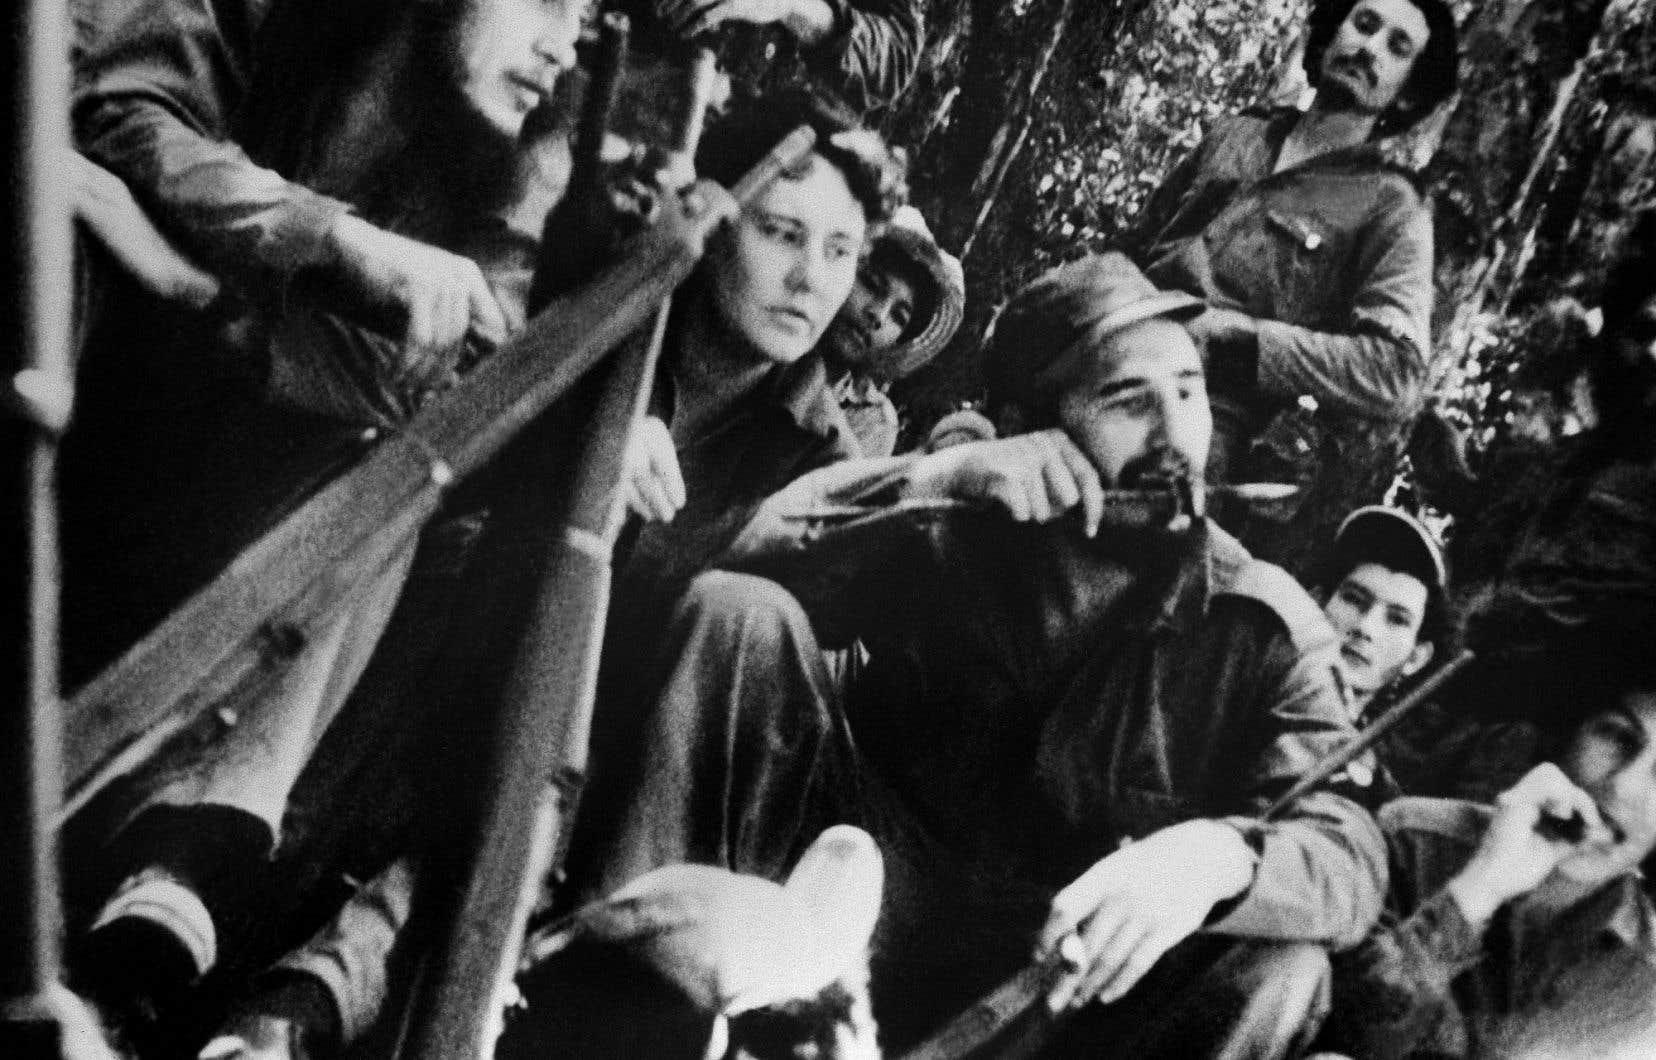 En 1958, le jeune leader révolutionnaire (au centre), entouré de guérilleros, assiste à un concert donné dans la jungle cubaine.